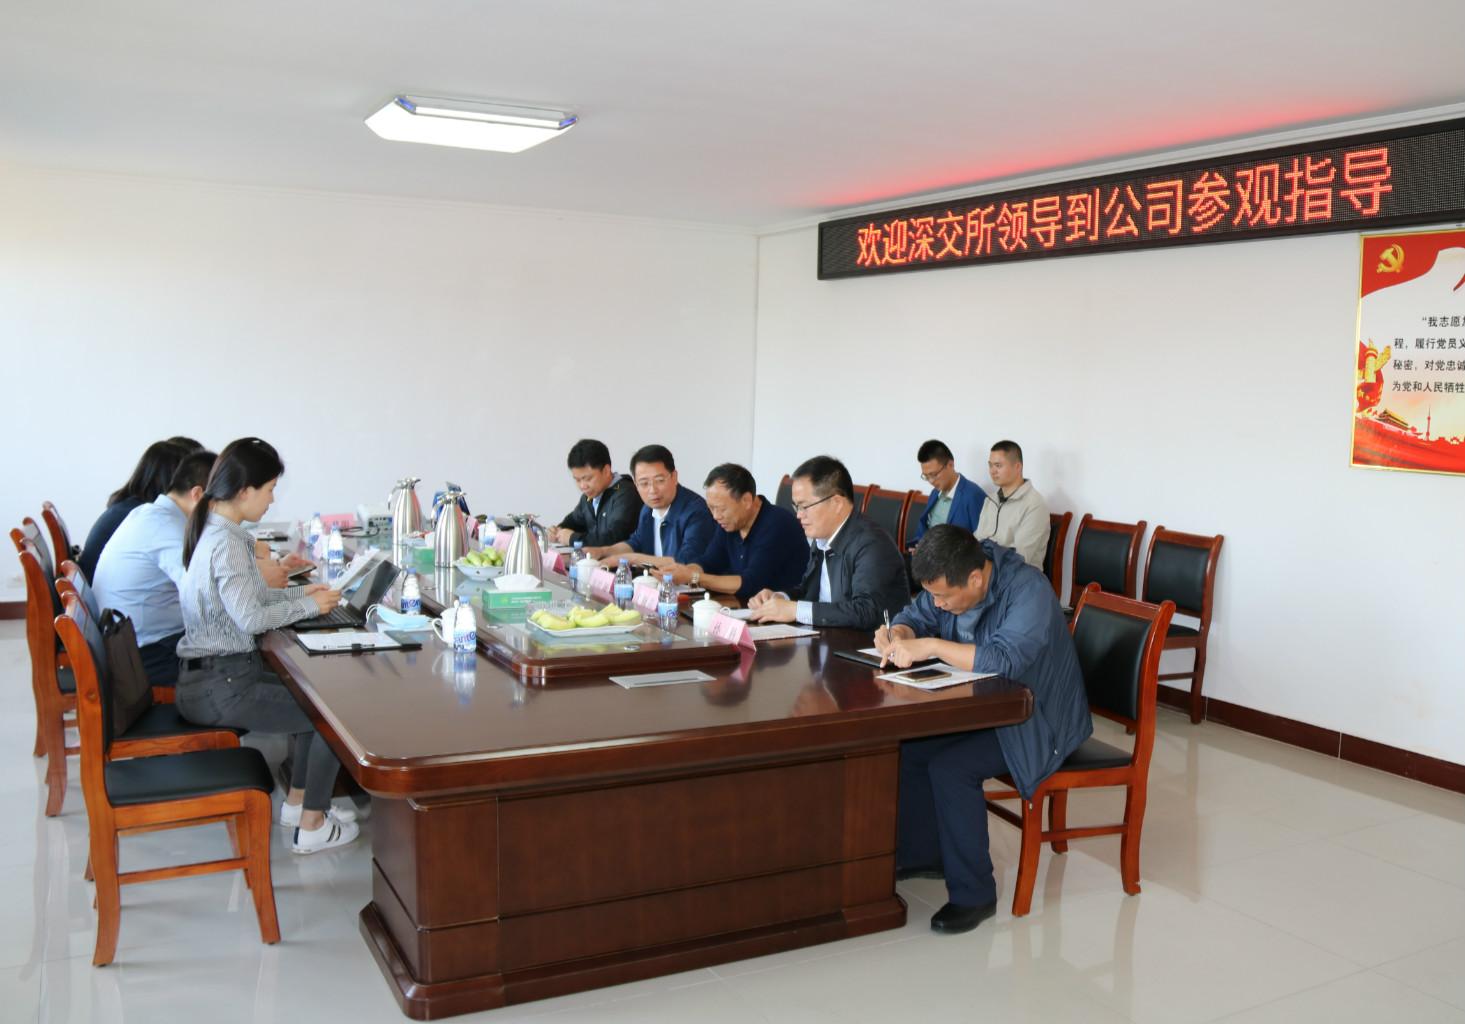 深圳证券交易所领导到公司调研指导